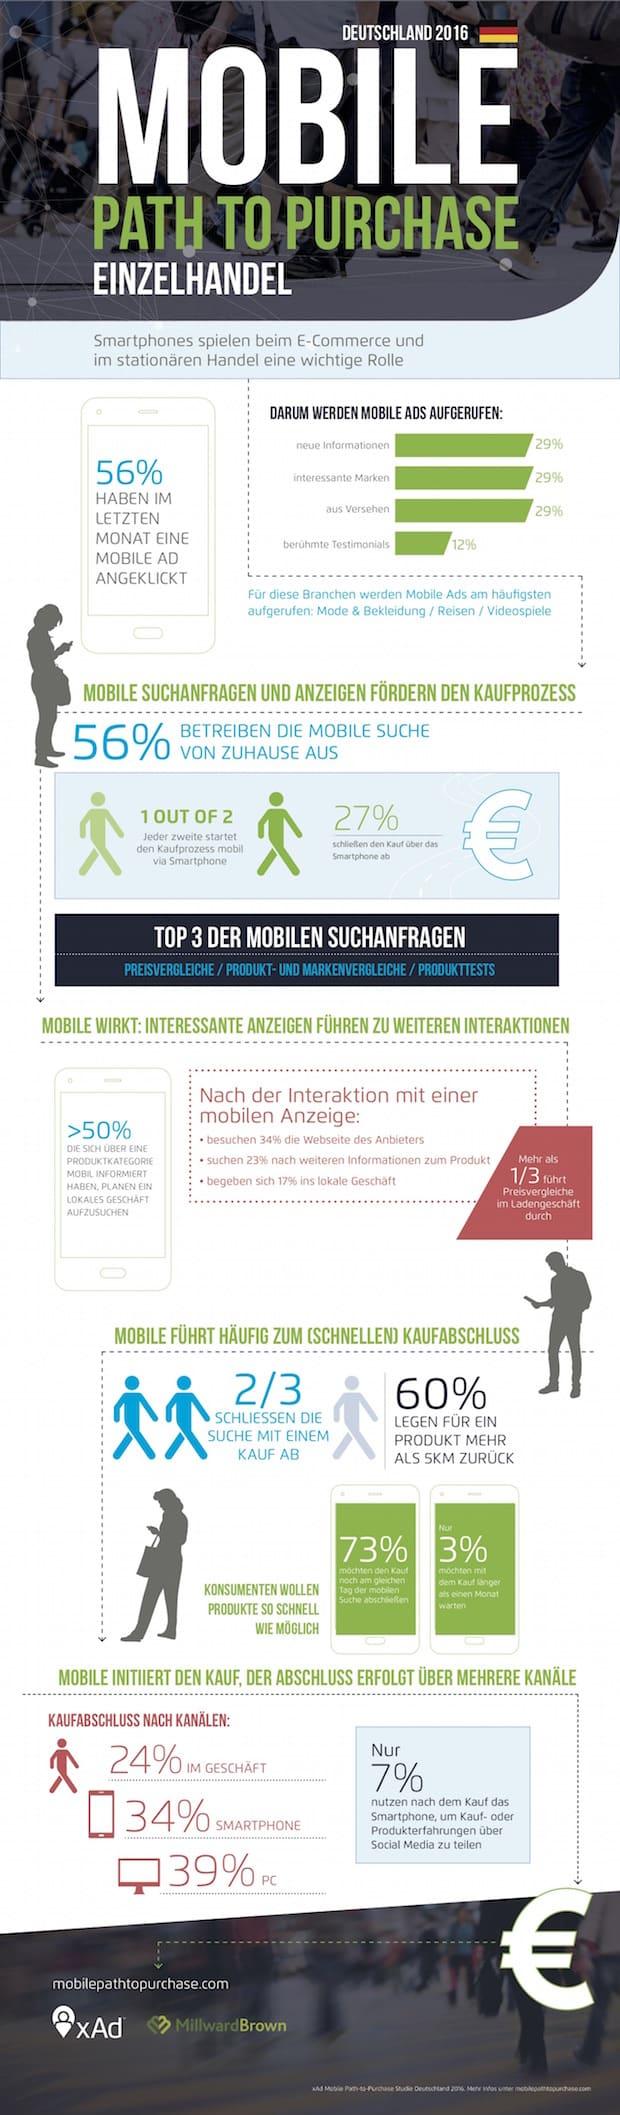 Bild von xAd Mobile-Studie für den Einzelhandel: Wer kauft schaut vorher aufs Display